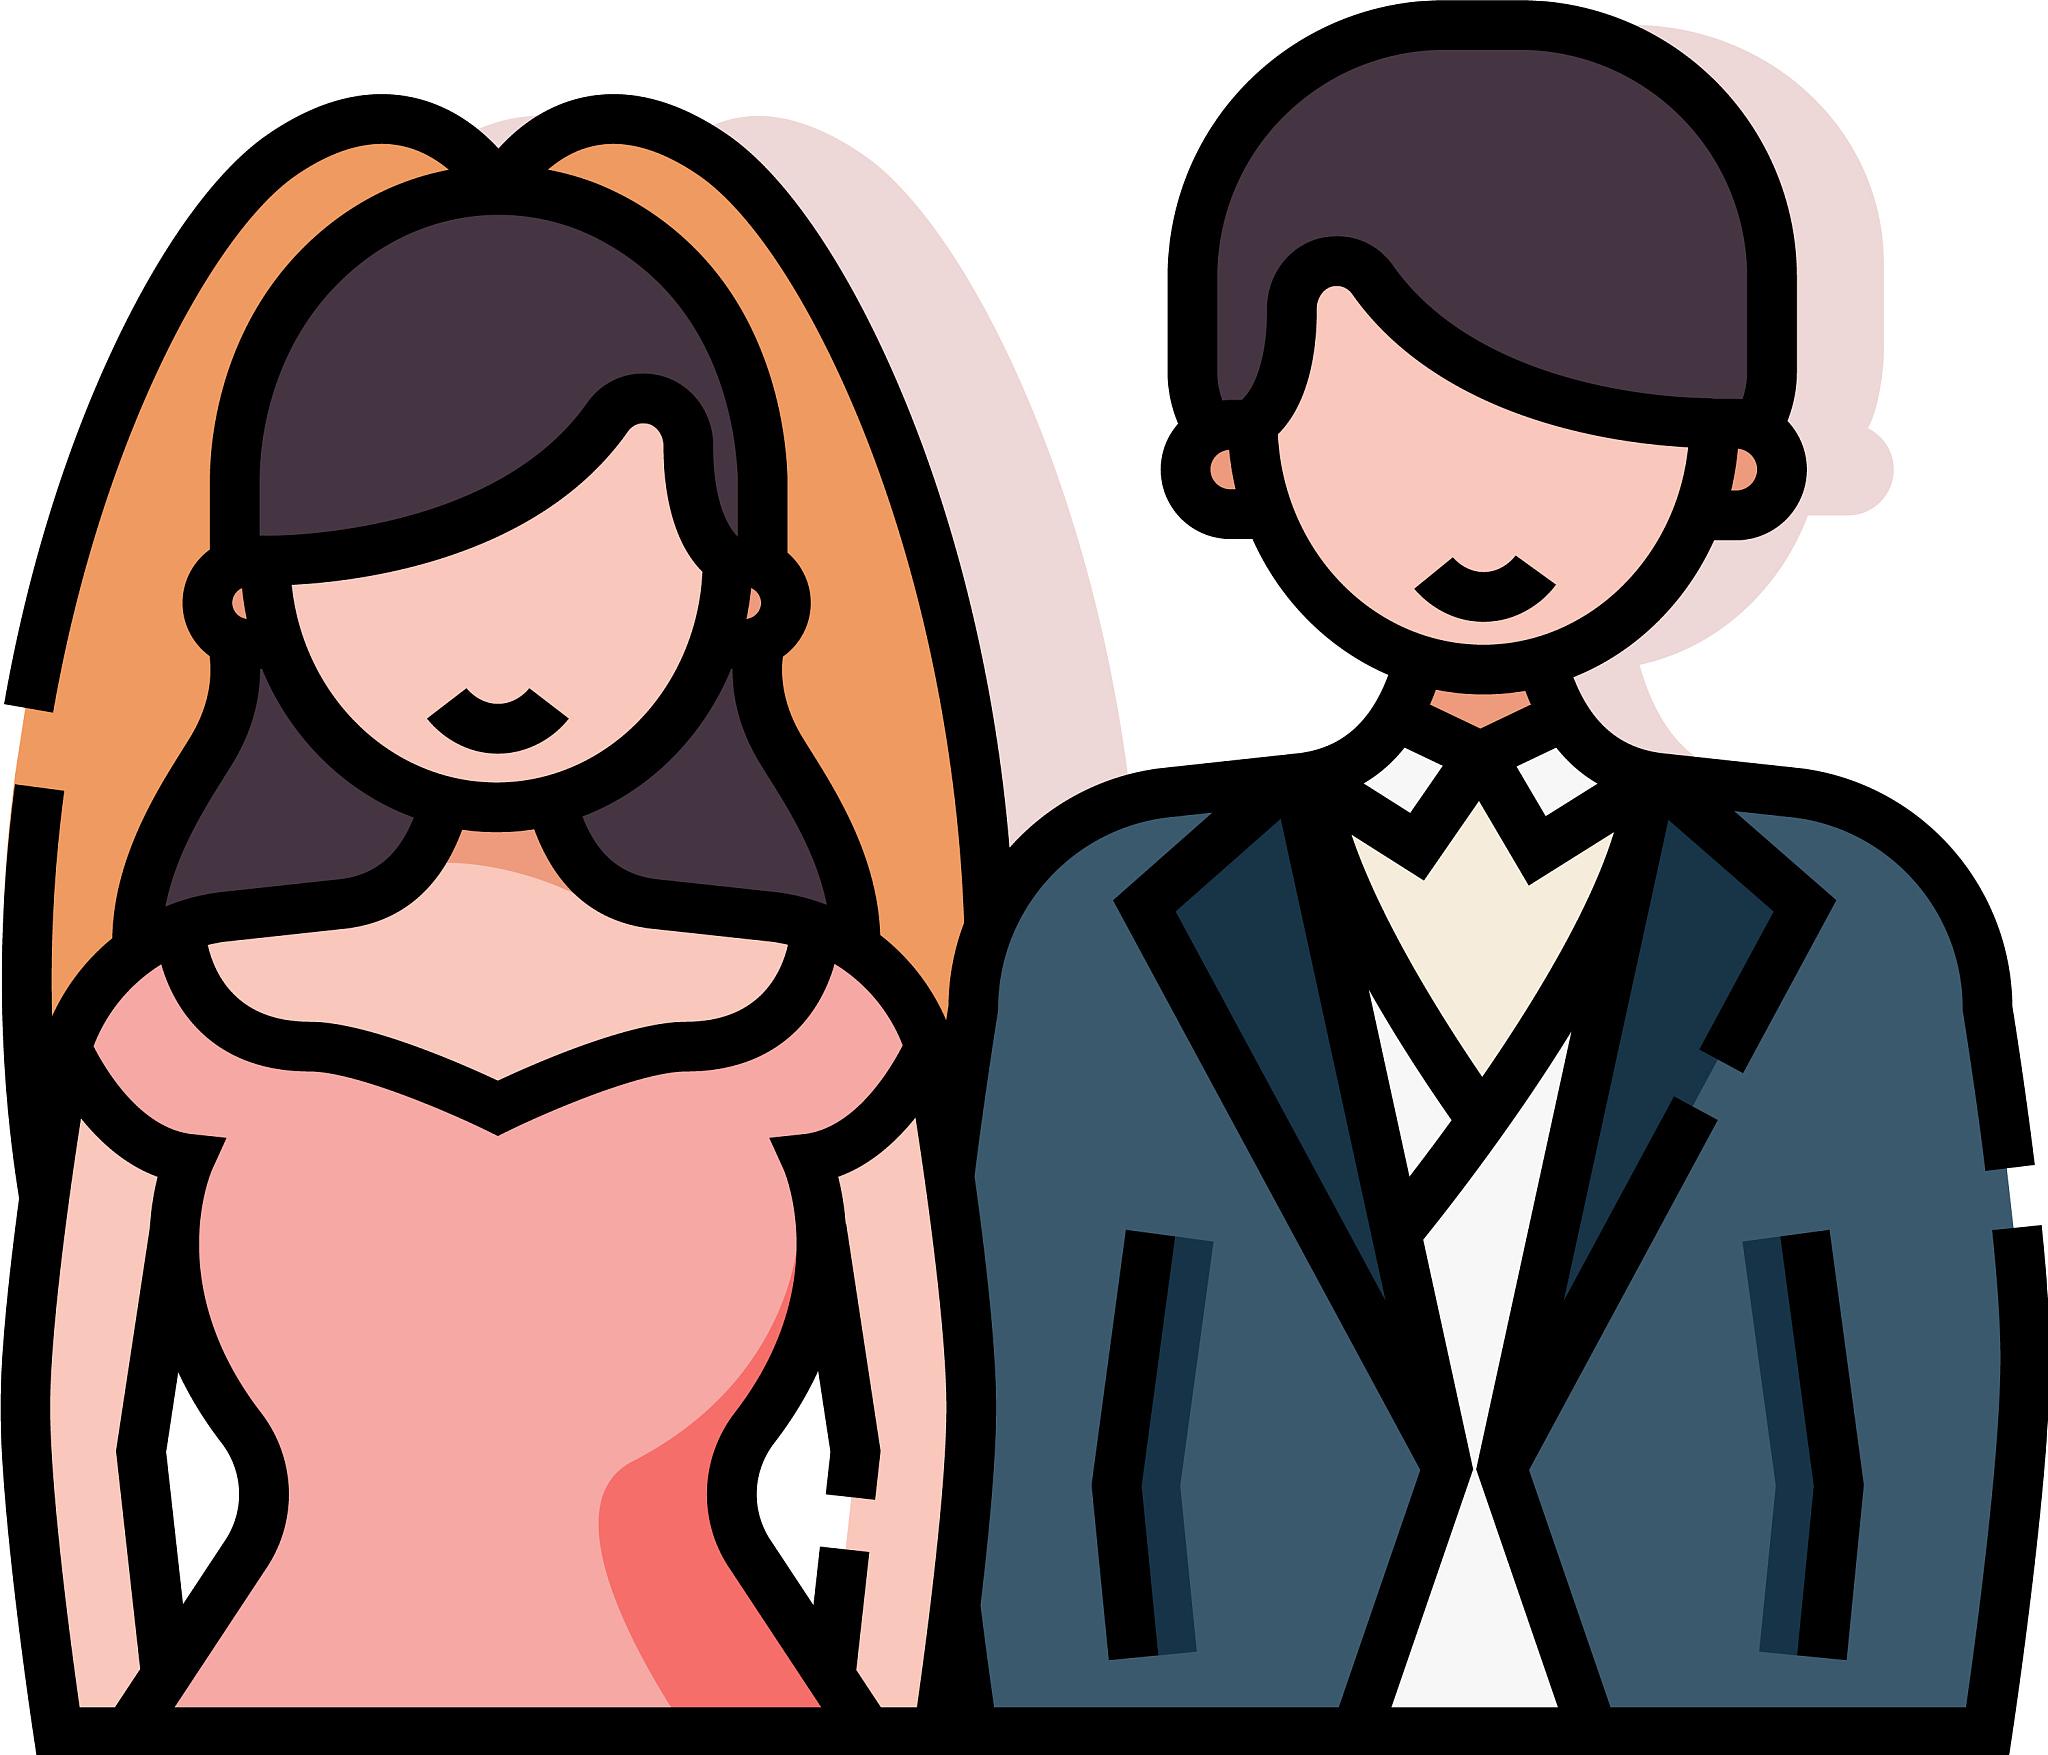 生辰八字算结婚的日子还是时辰 八字推算结婚时间